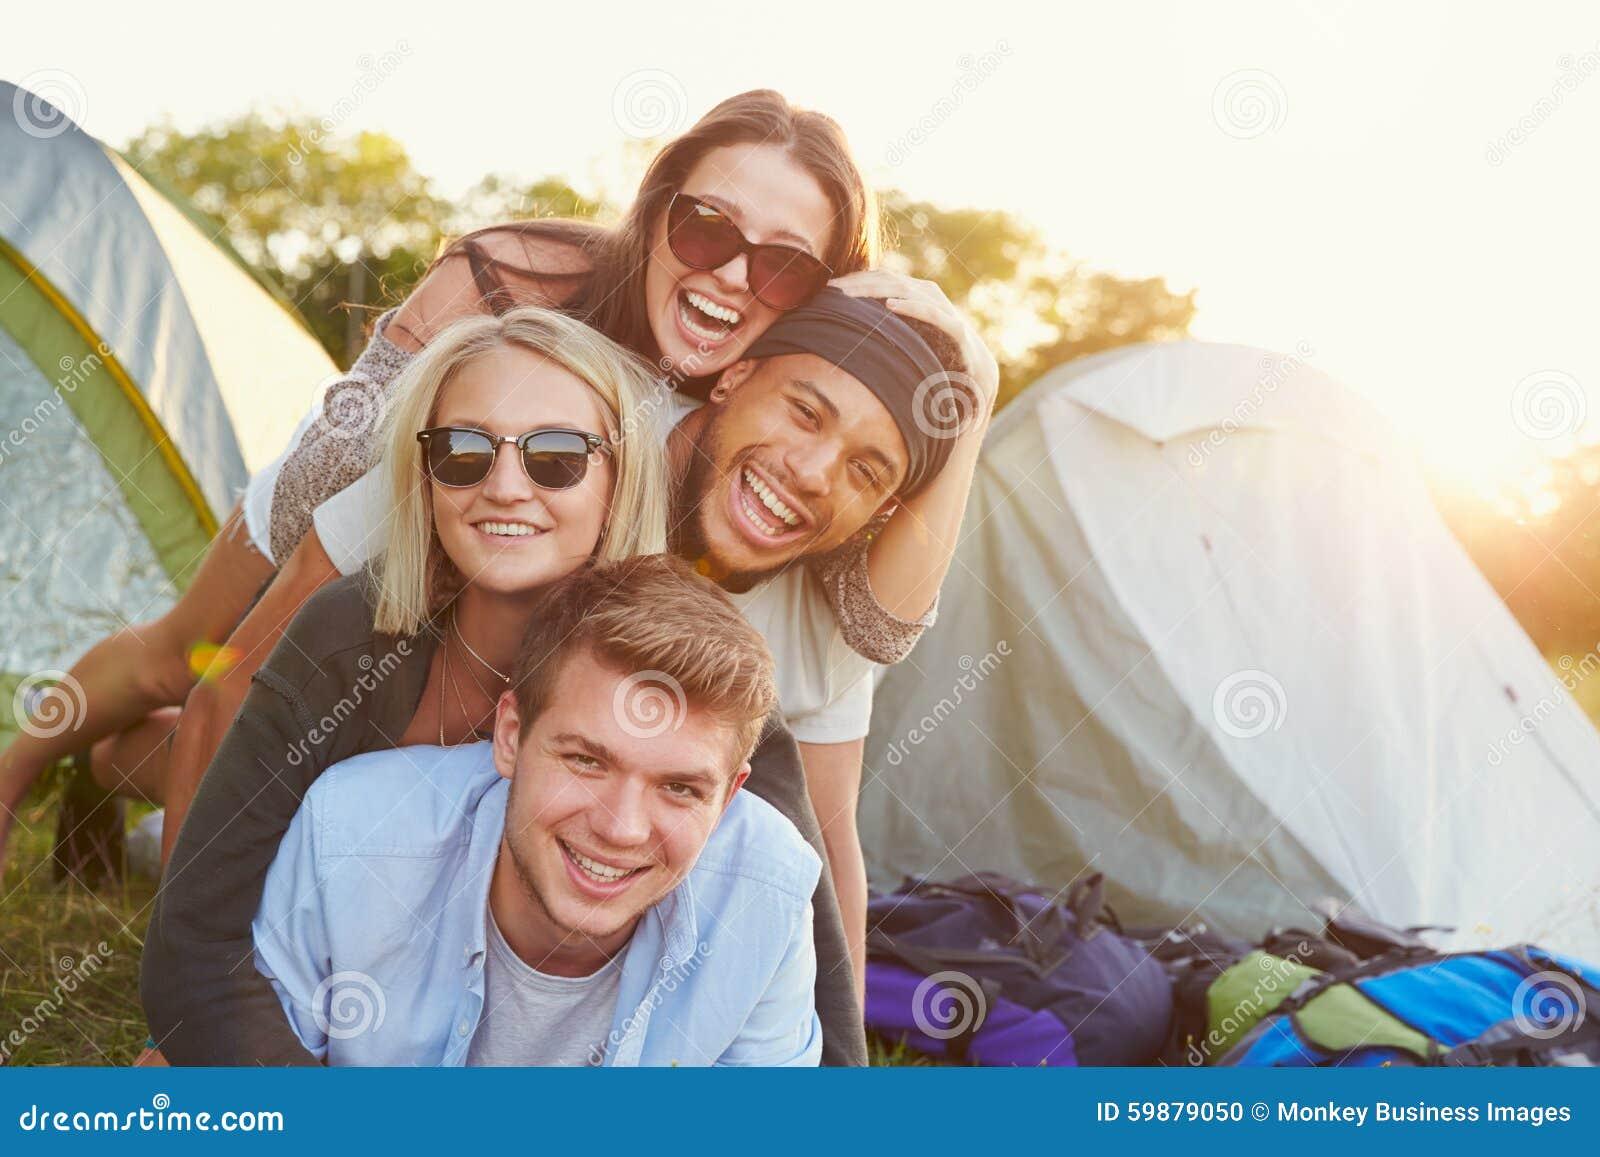 Gruppe Freunde, die Spaß außerhalb der Zelte an kampierendem Feiertag haben